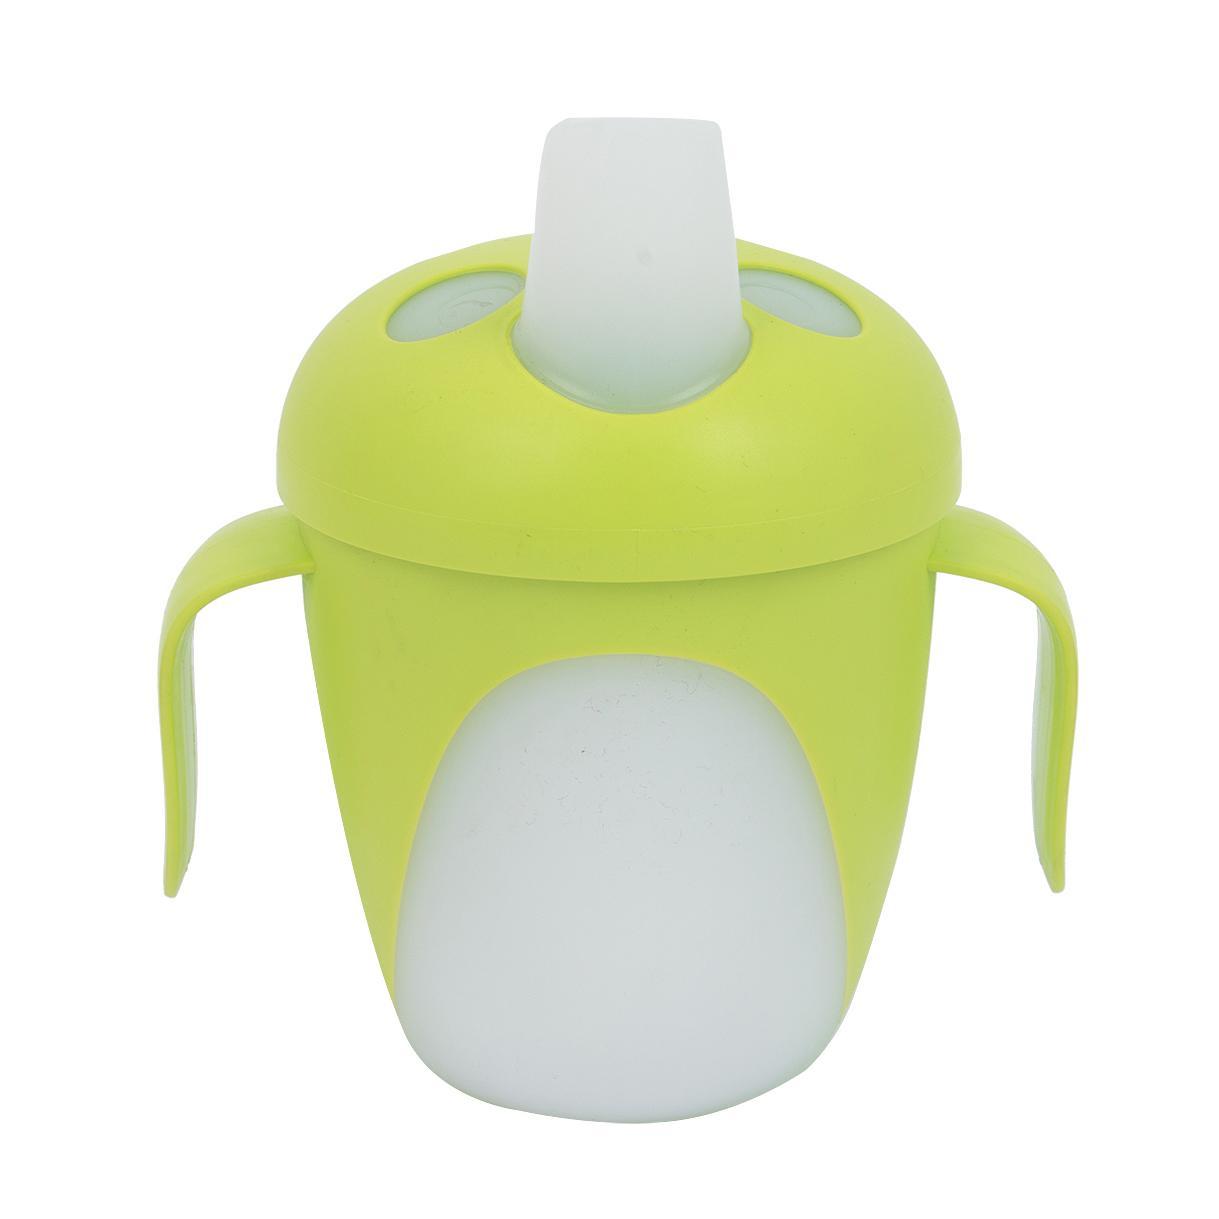 Чашка-непроливайка - Penguins, 240 мл, 9+, зеленый